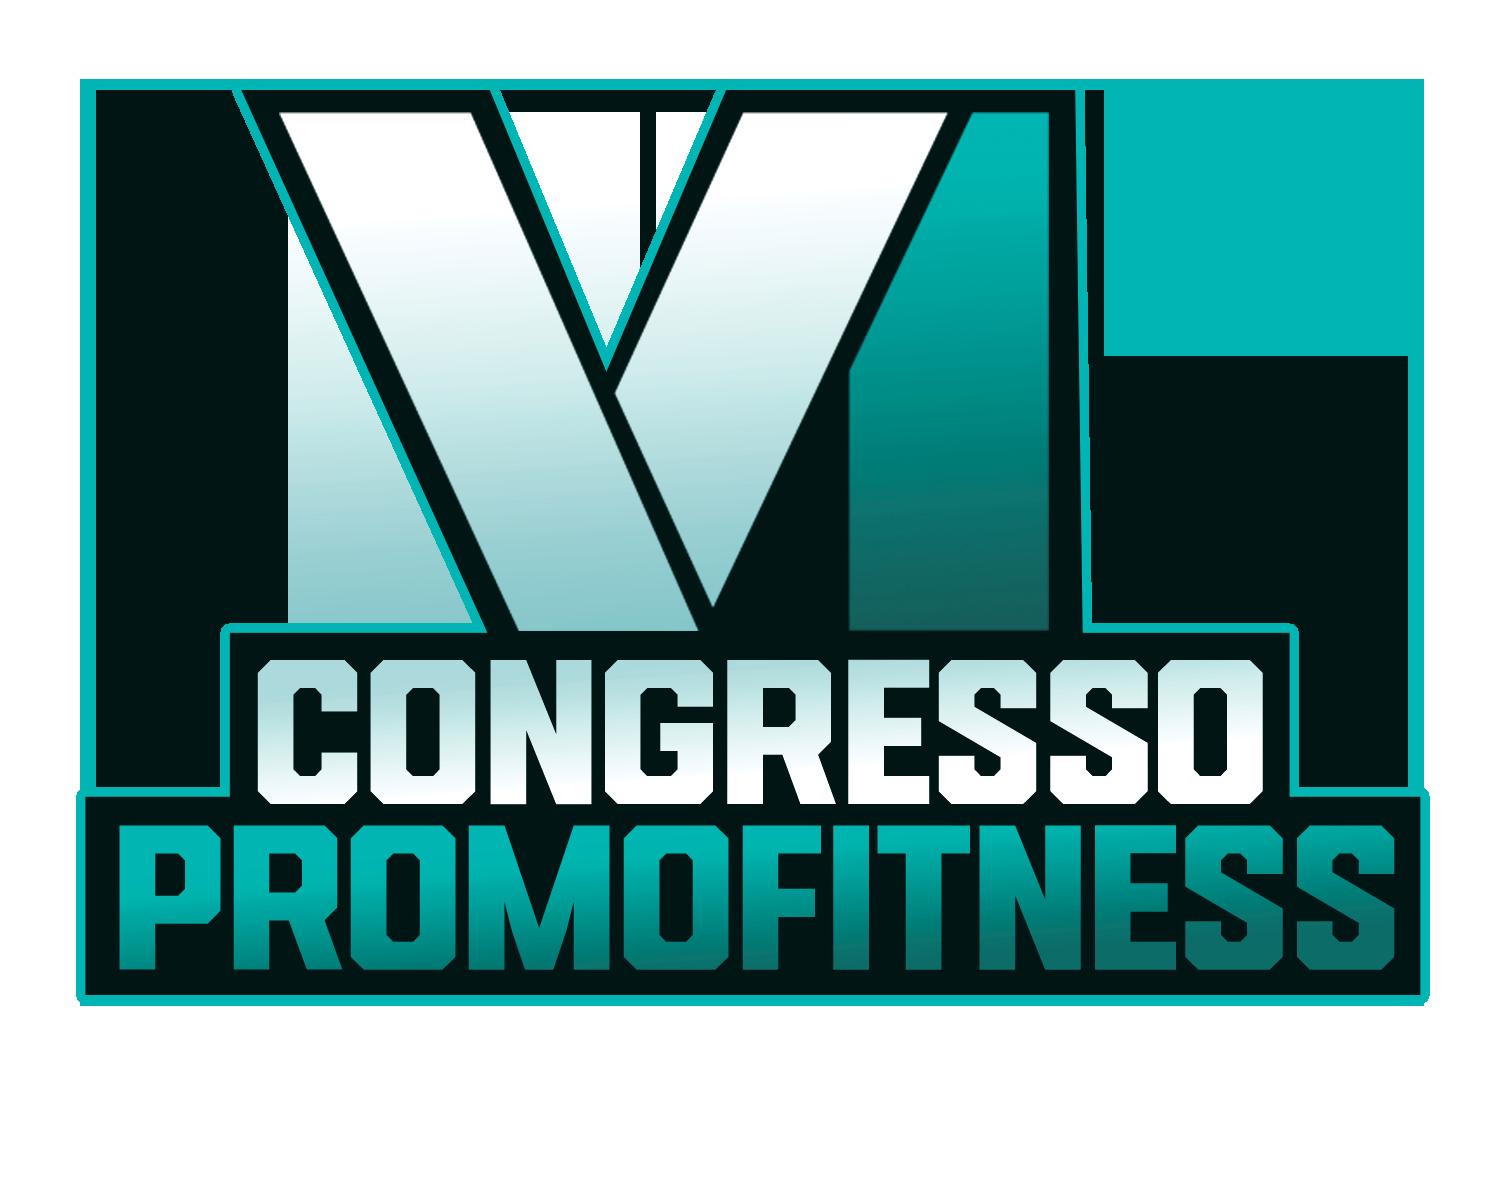 VI Congresso Promofitness